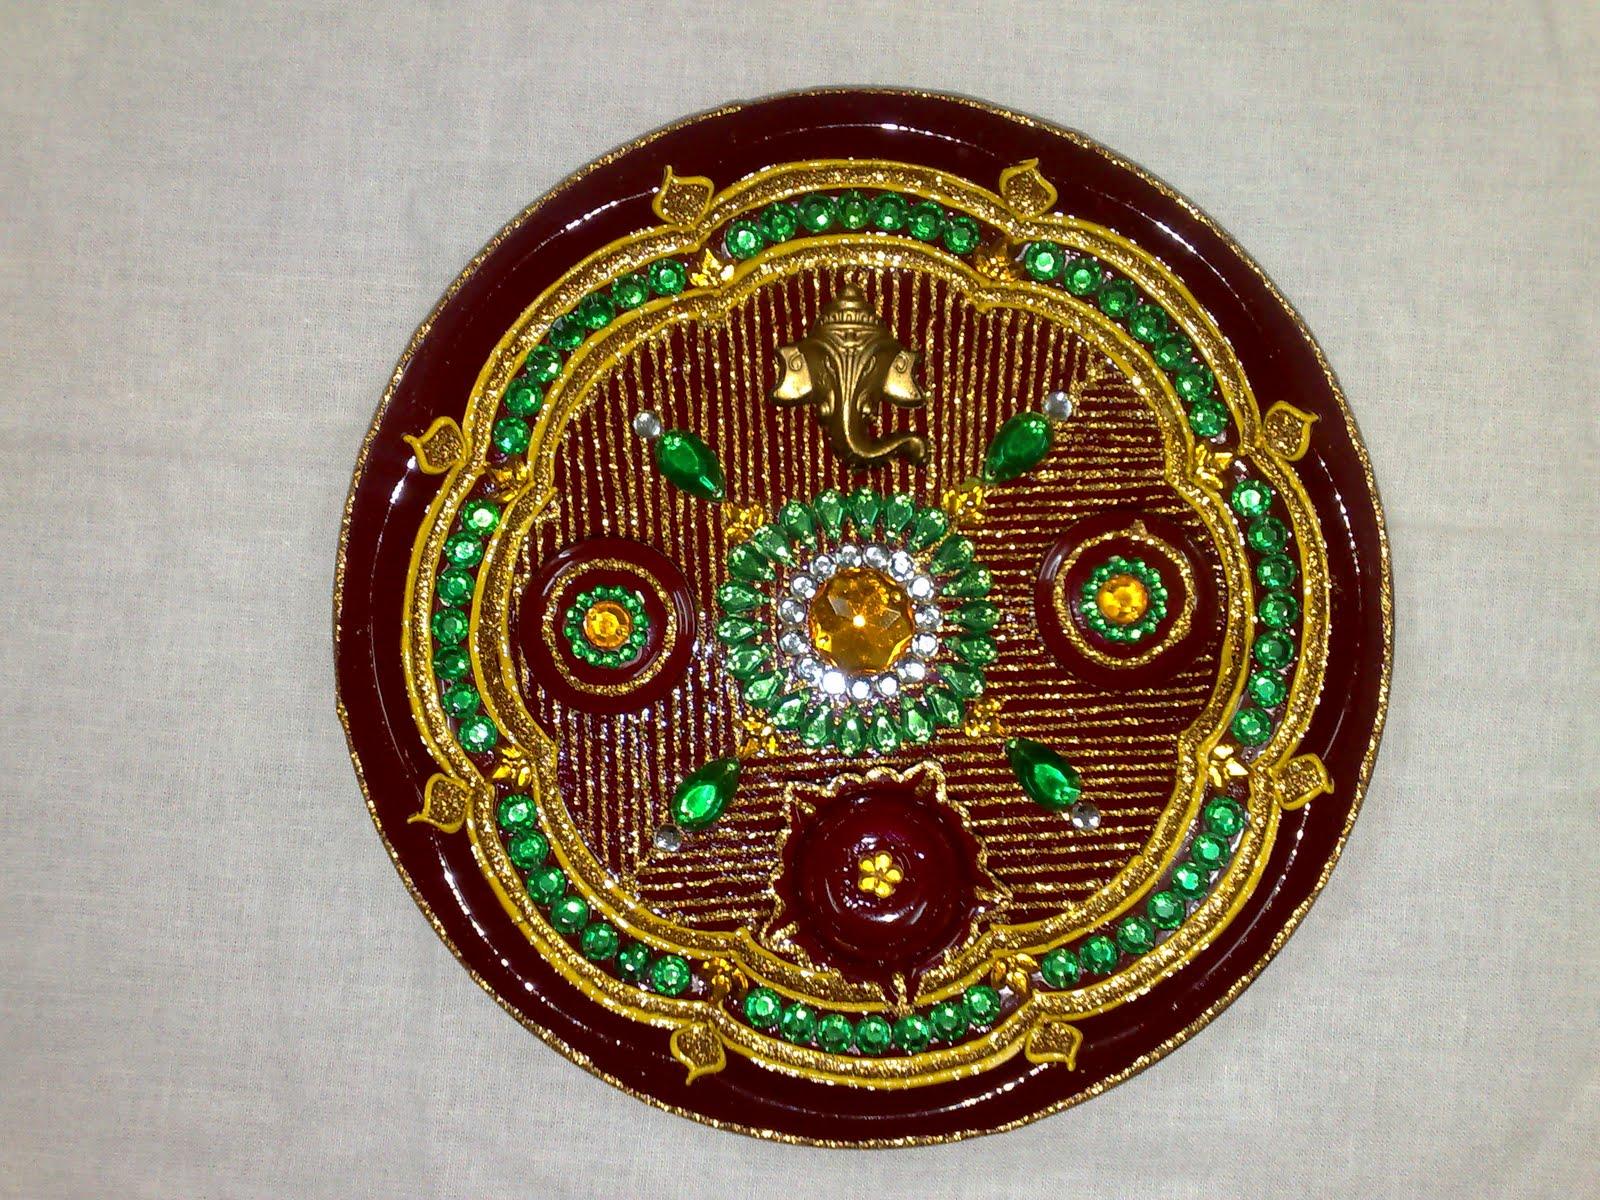 Vaibhavi creations rakhi thali aarti thai decorative thali wedding rakhi thali aarti thai decorative thali wedding thali pooja thali junglespirit Gallery